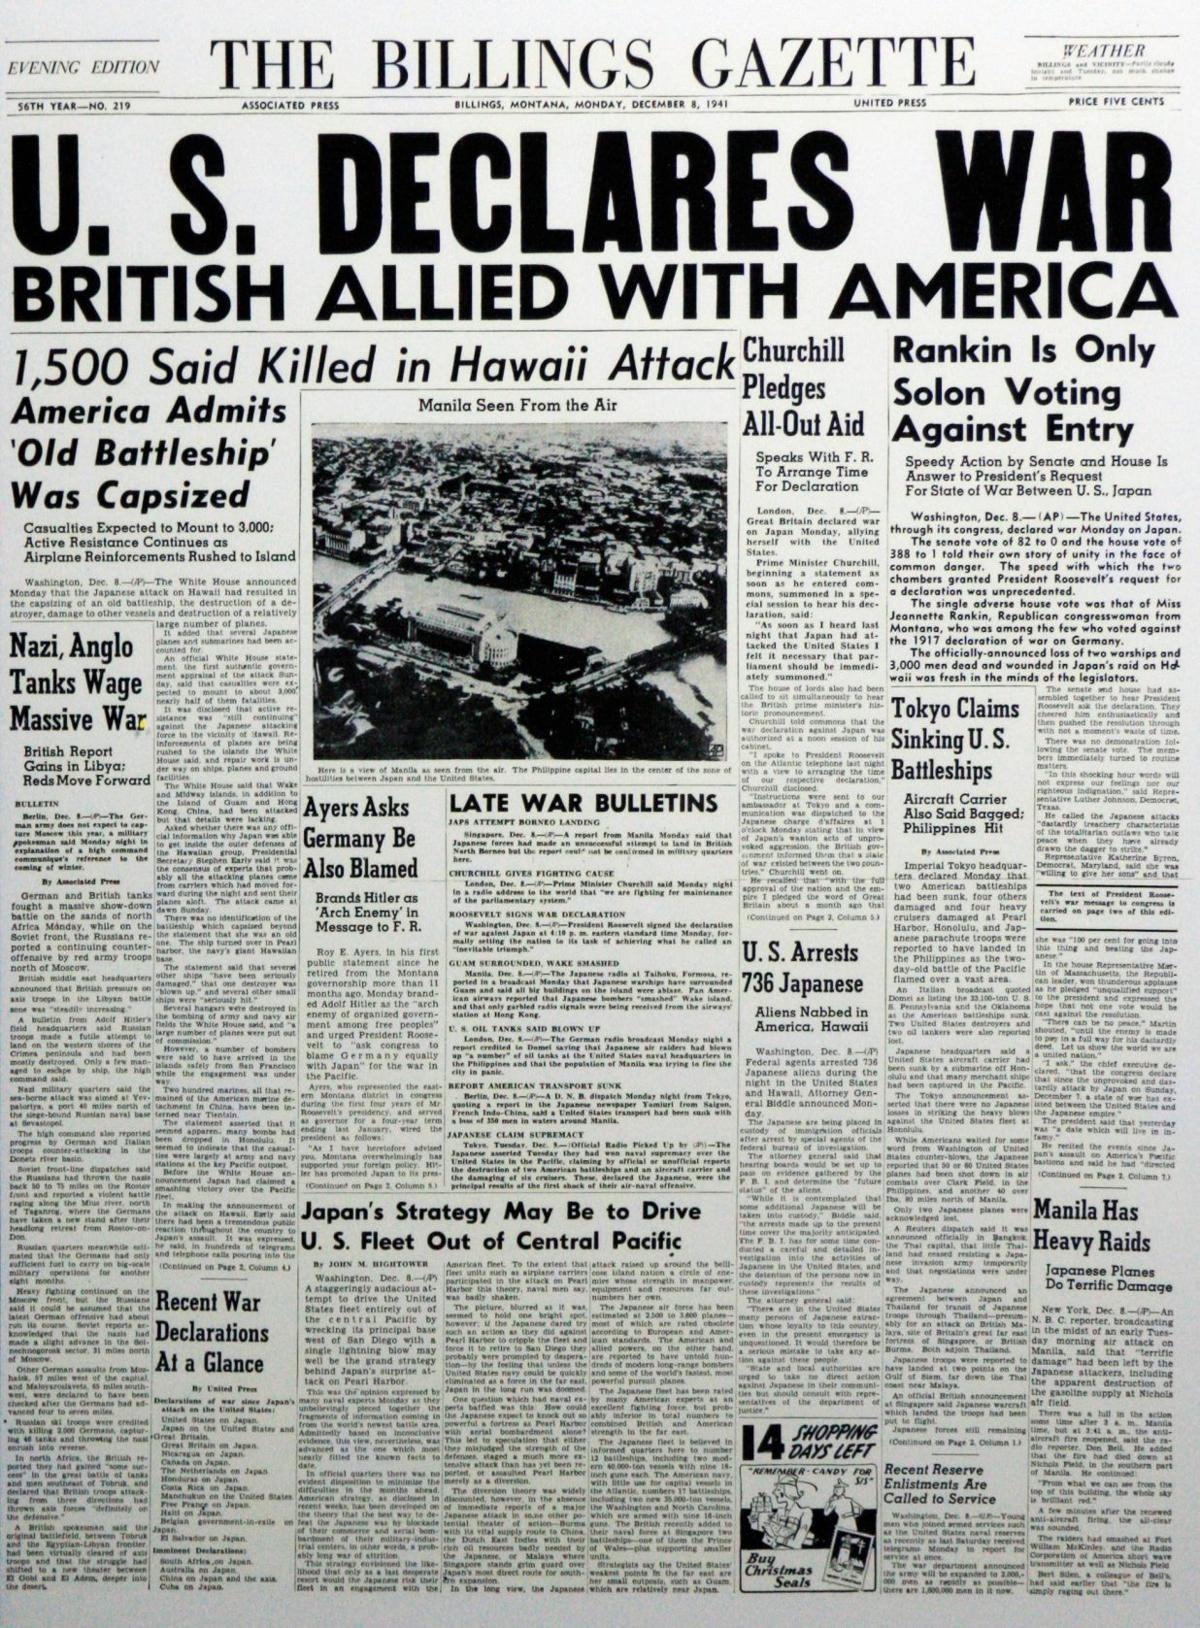 Billings Gazette Pearl Harbor Dec. 8, 1941, front page